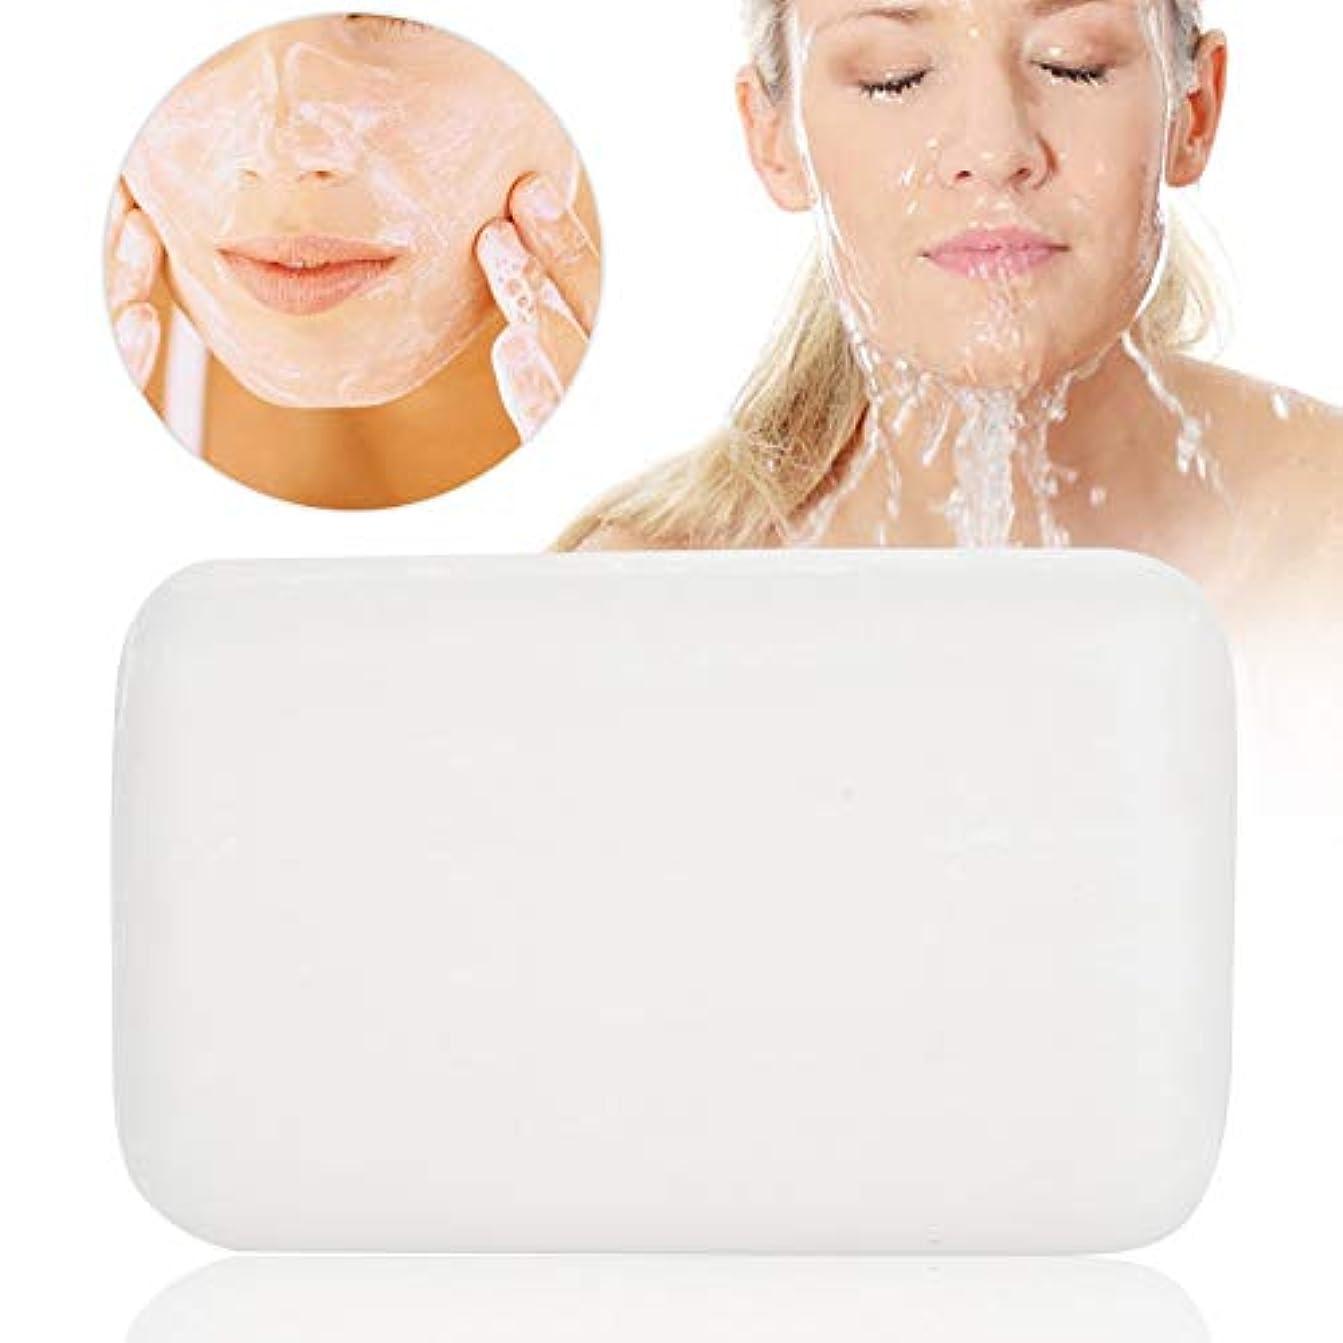 マトロンほぼ米国洗顔石鹸 石鹸 シミ取り! 洗顔石けん 無添加 低刺激性 化粧石鹸(洗顔?全身用) せっけん バスサイズ